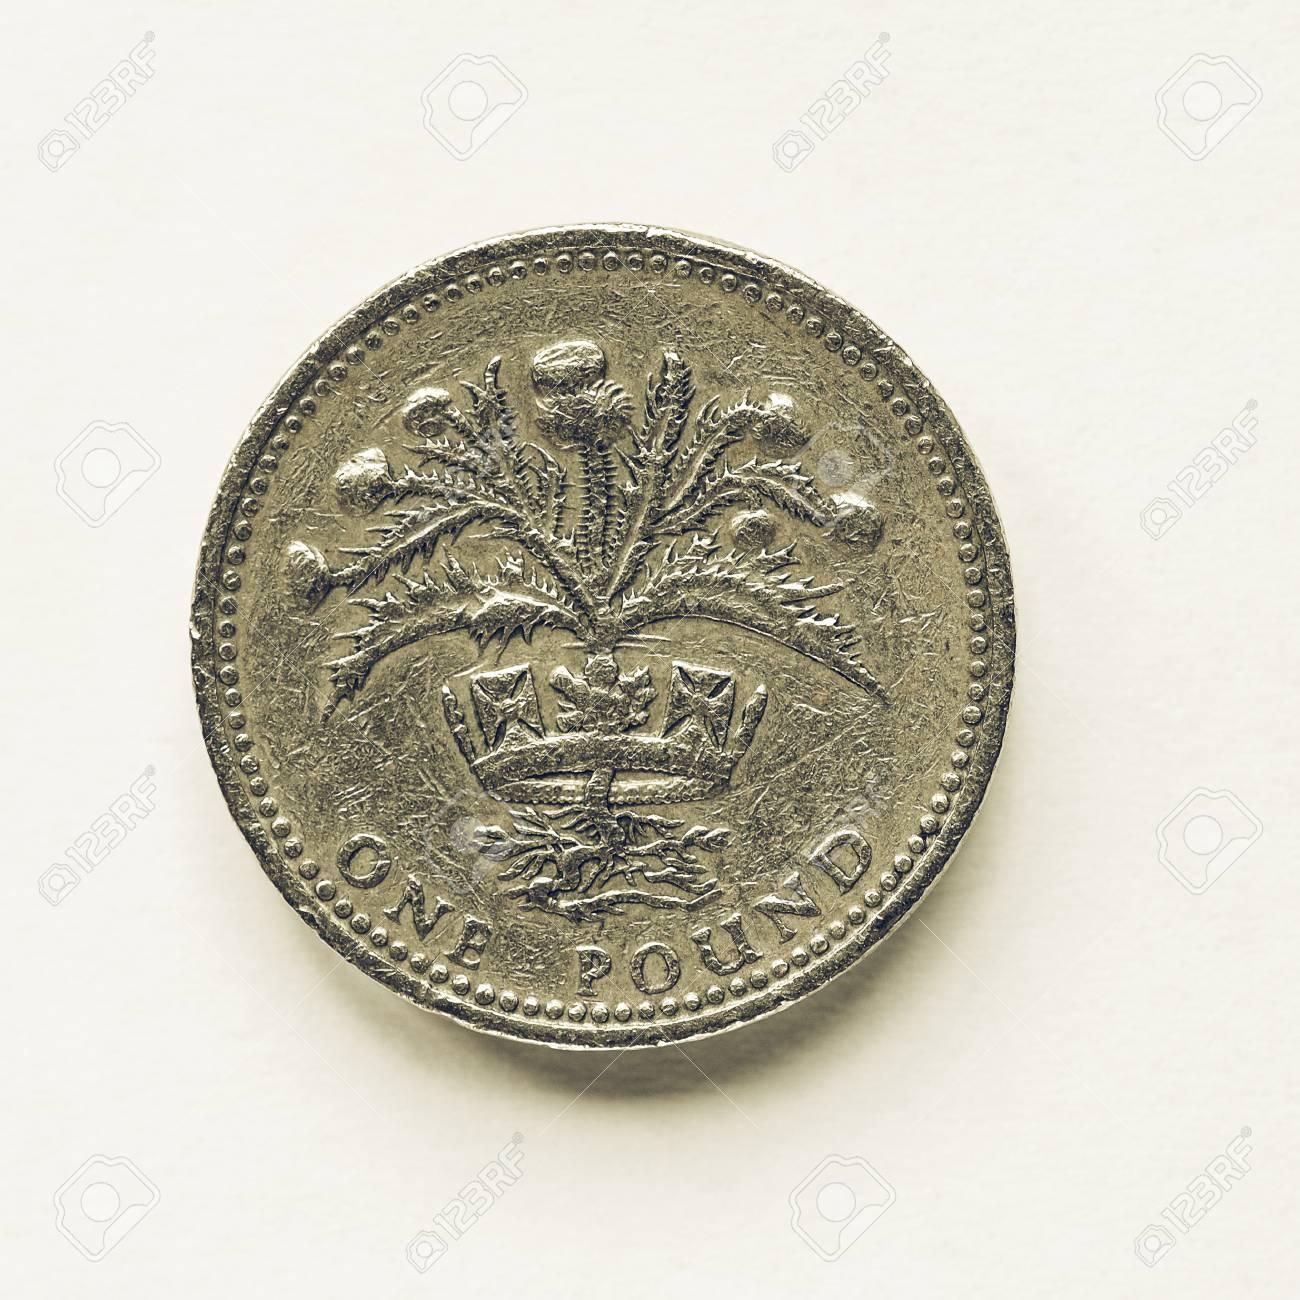 Jahrgang Suchen Währung Des Vereinigten Königreichs 1 Pfund Münze